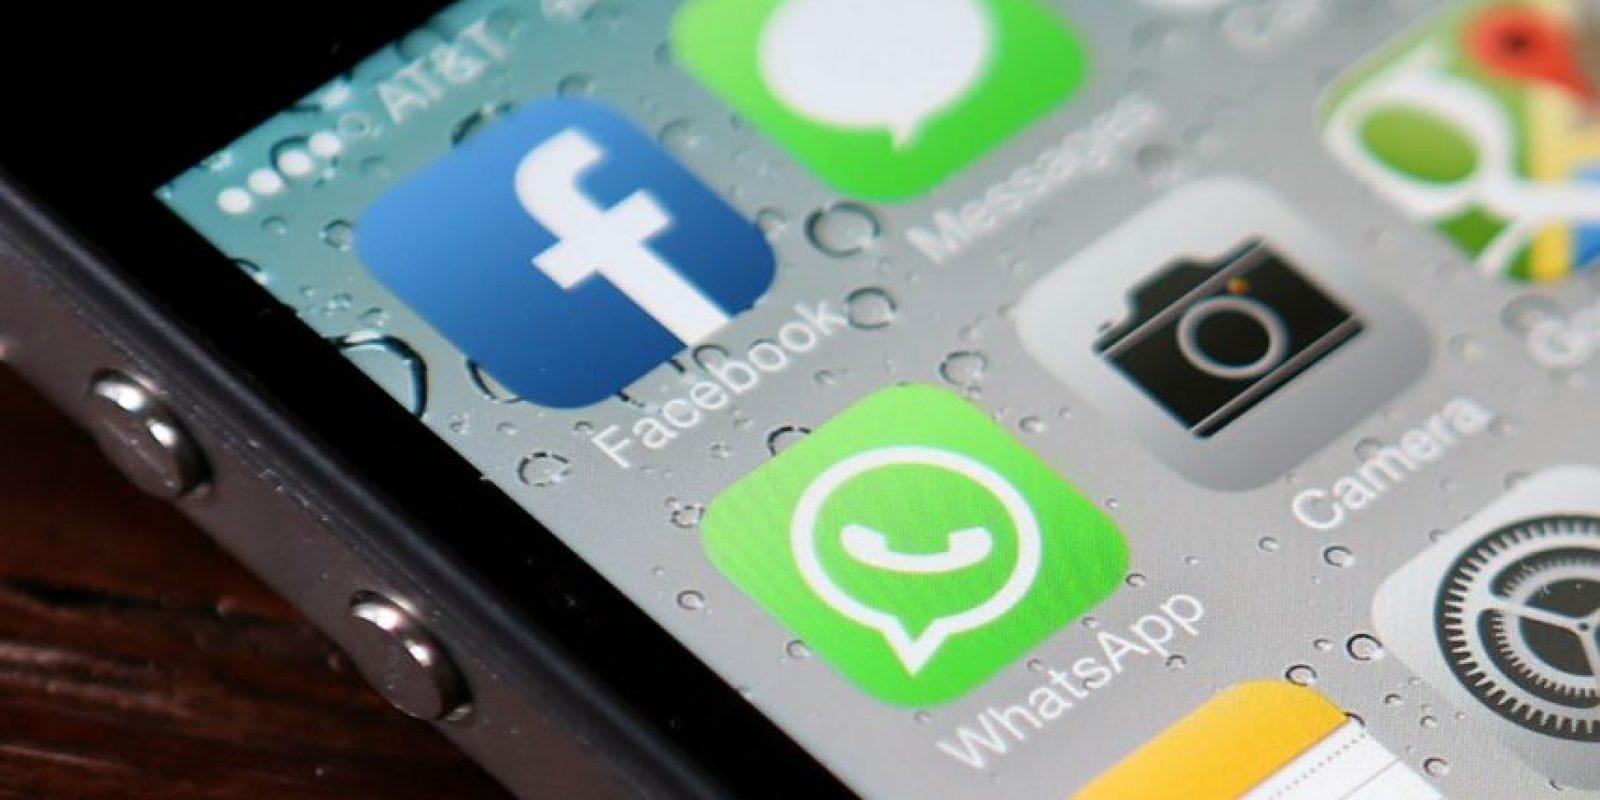 Nuestros teléfonos móviles contienen mucha información de nosotros. Foto:Getty Images